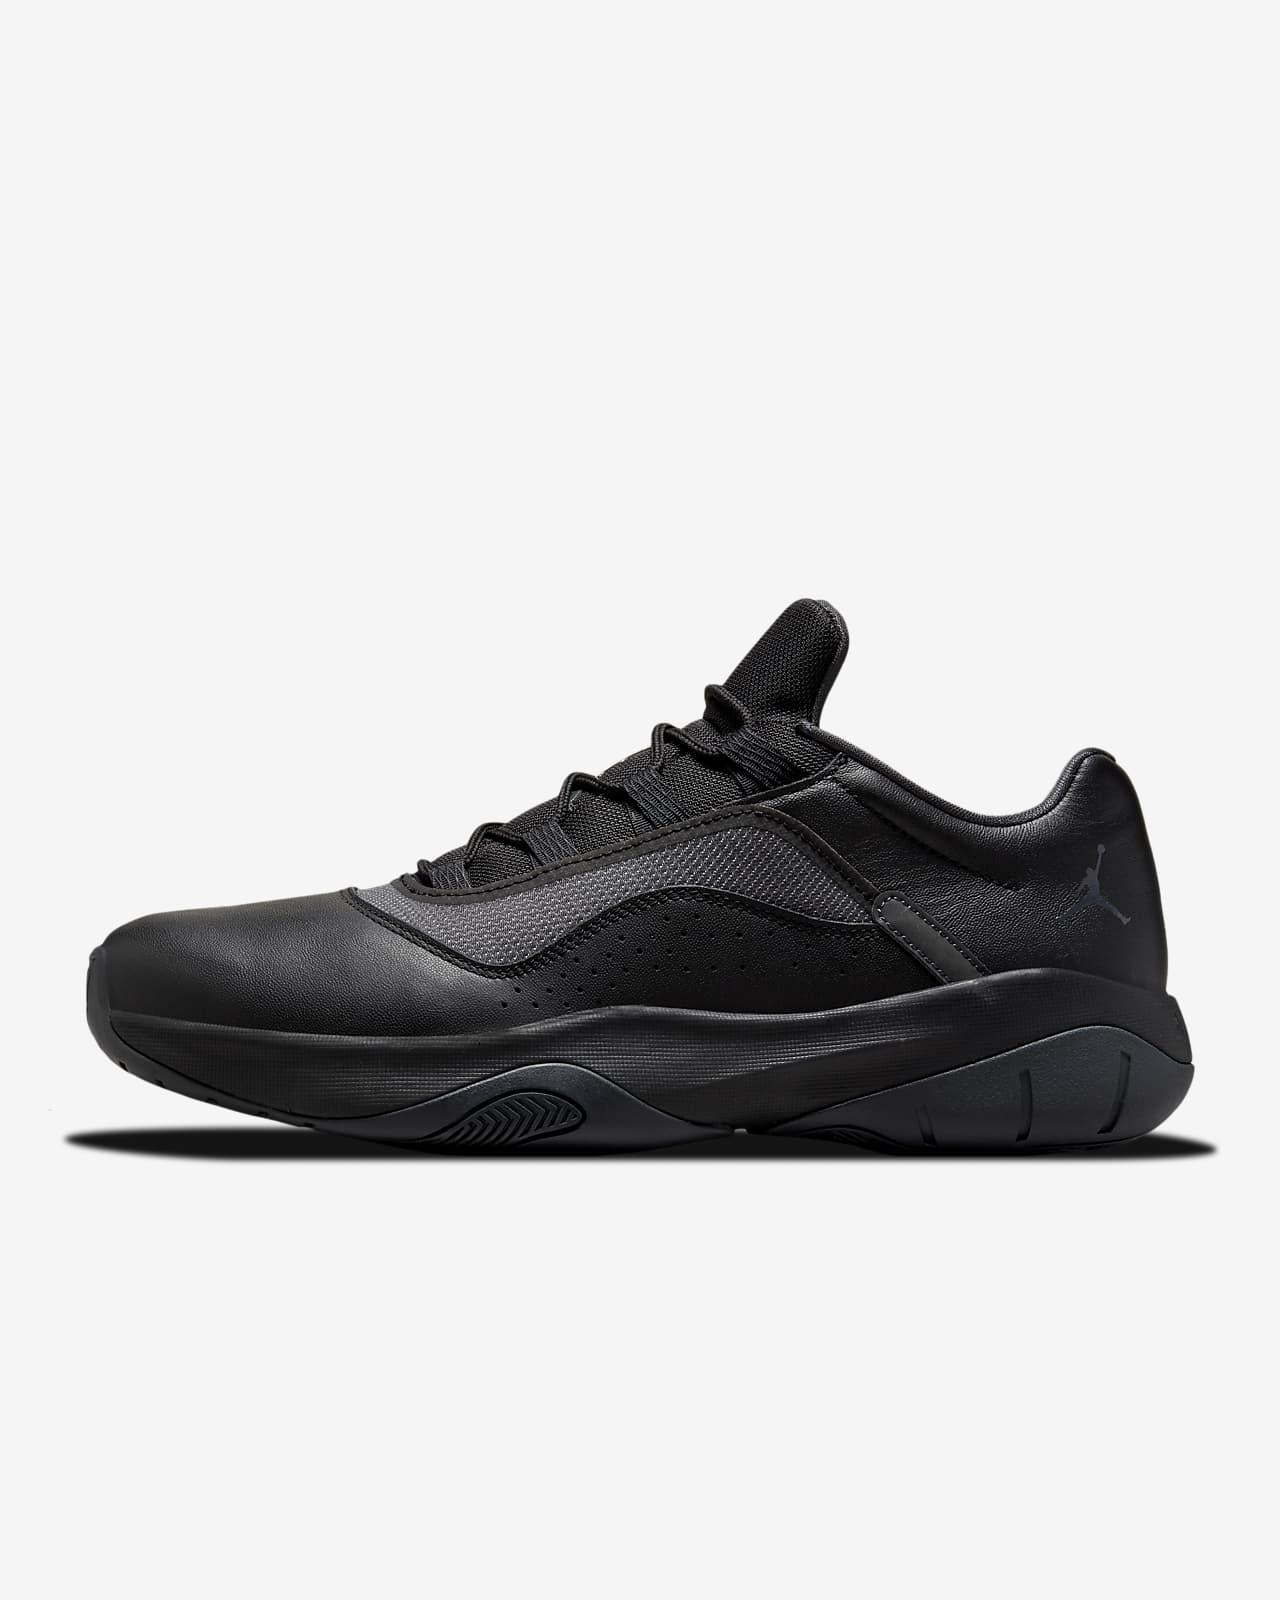 Chaussure Air Jordan 11 CMFT Low pour Homme